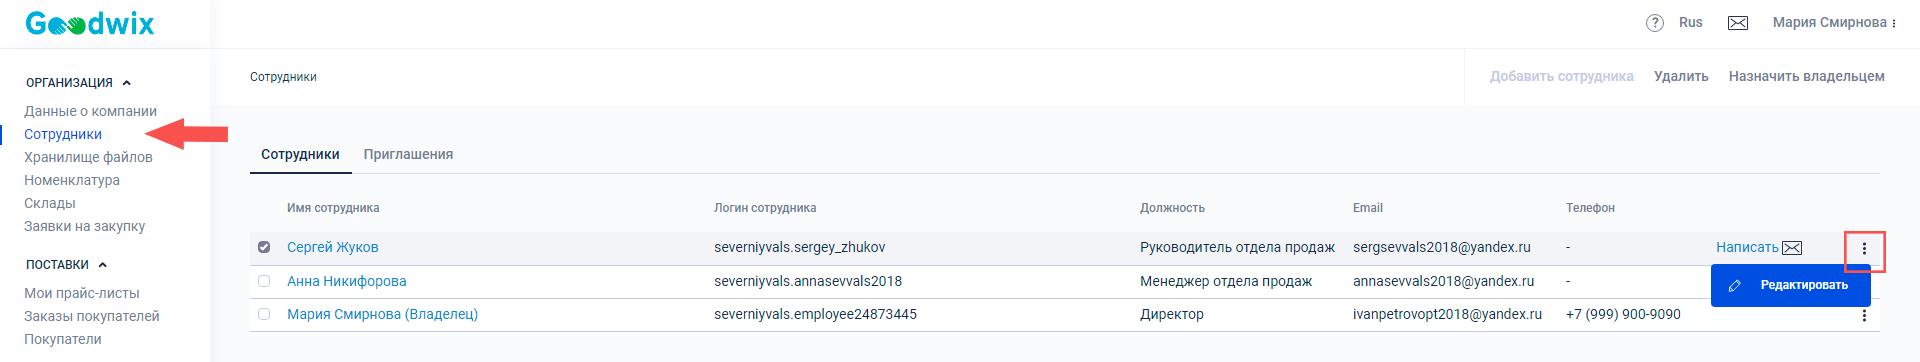 Руководство по работе с прайс-листами_Редактирование прав доступа сотрудников к прайс-листу